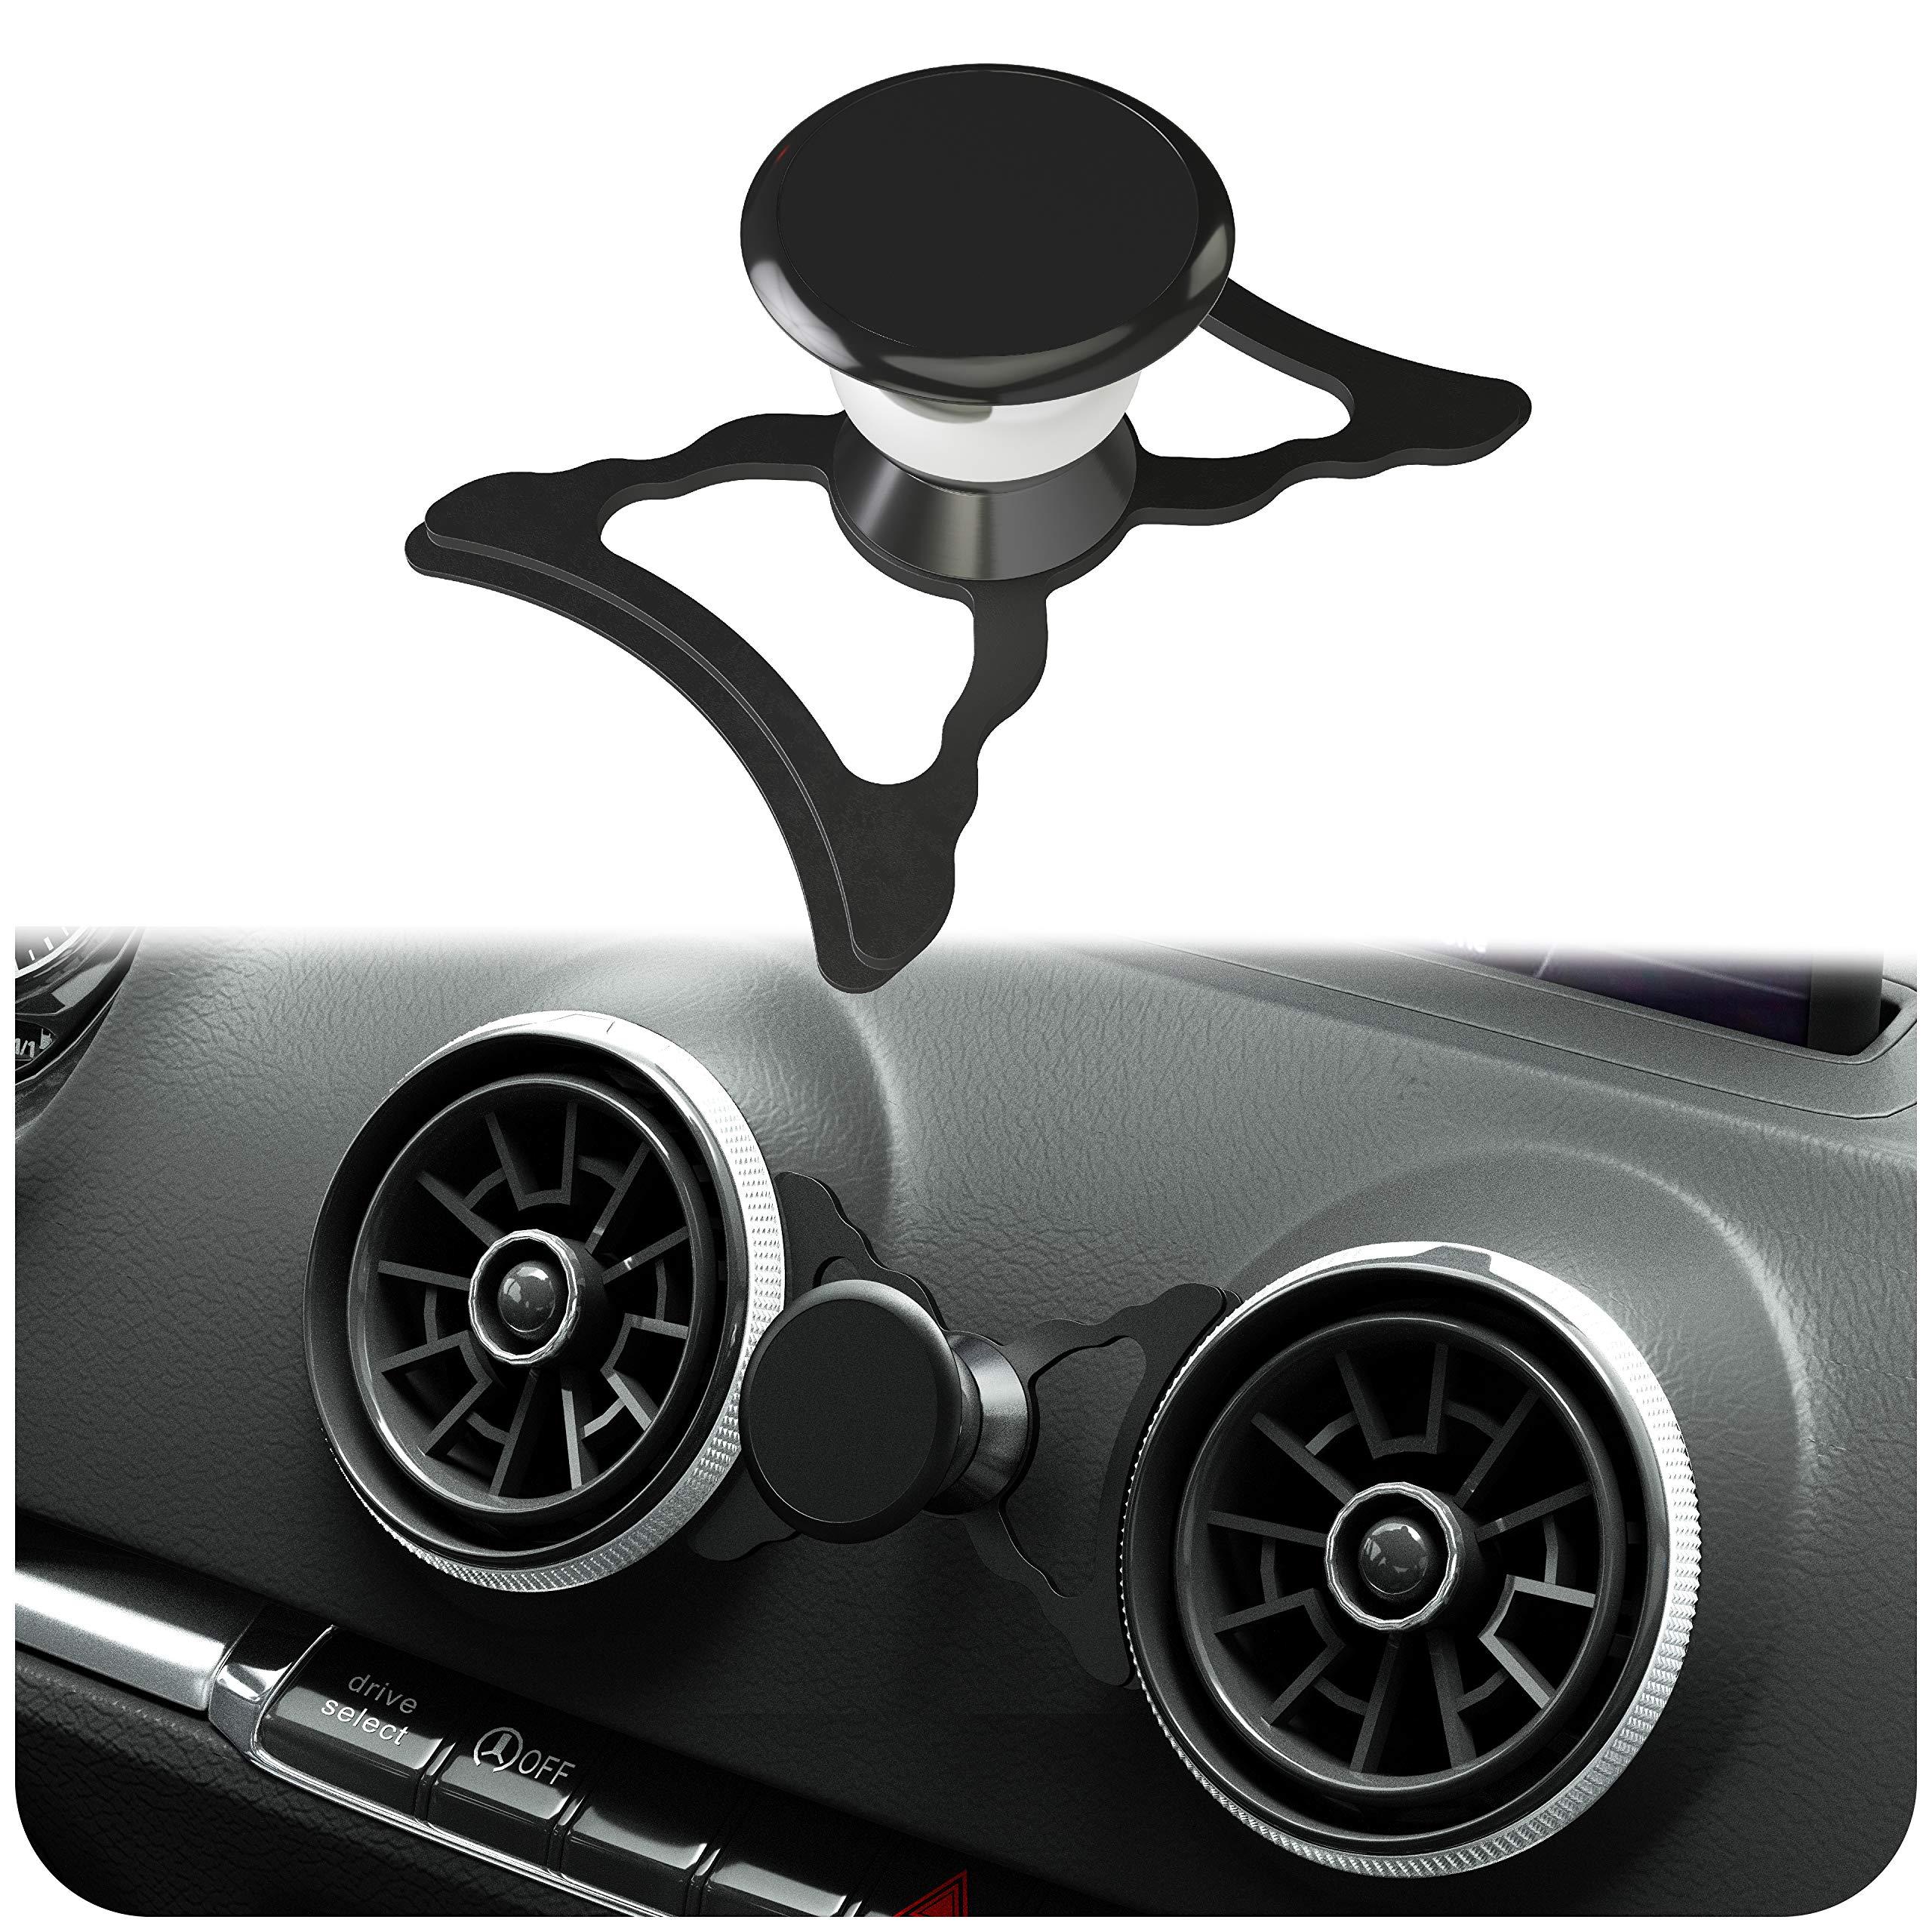 innoGadgets Soporte magnético para teléfono móvil Compatible con Audi A3/S3/RS3 | Soporte Universal para Smartphone, GPS y Tablet | 360 Ajustable para una Visibilidad óptima | Negro: Amazon.es: Electrónica